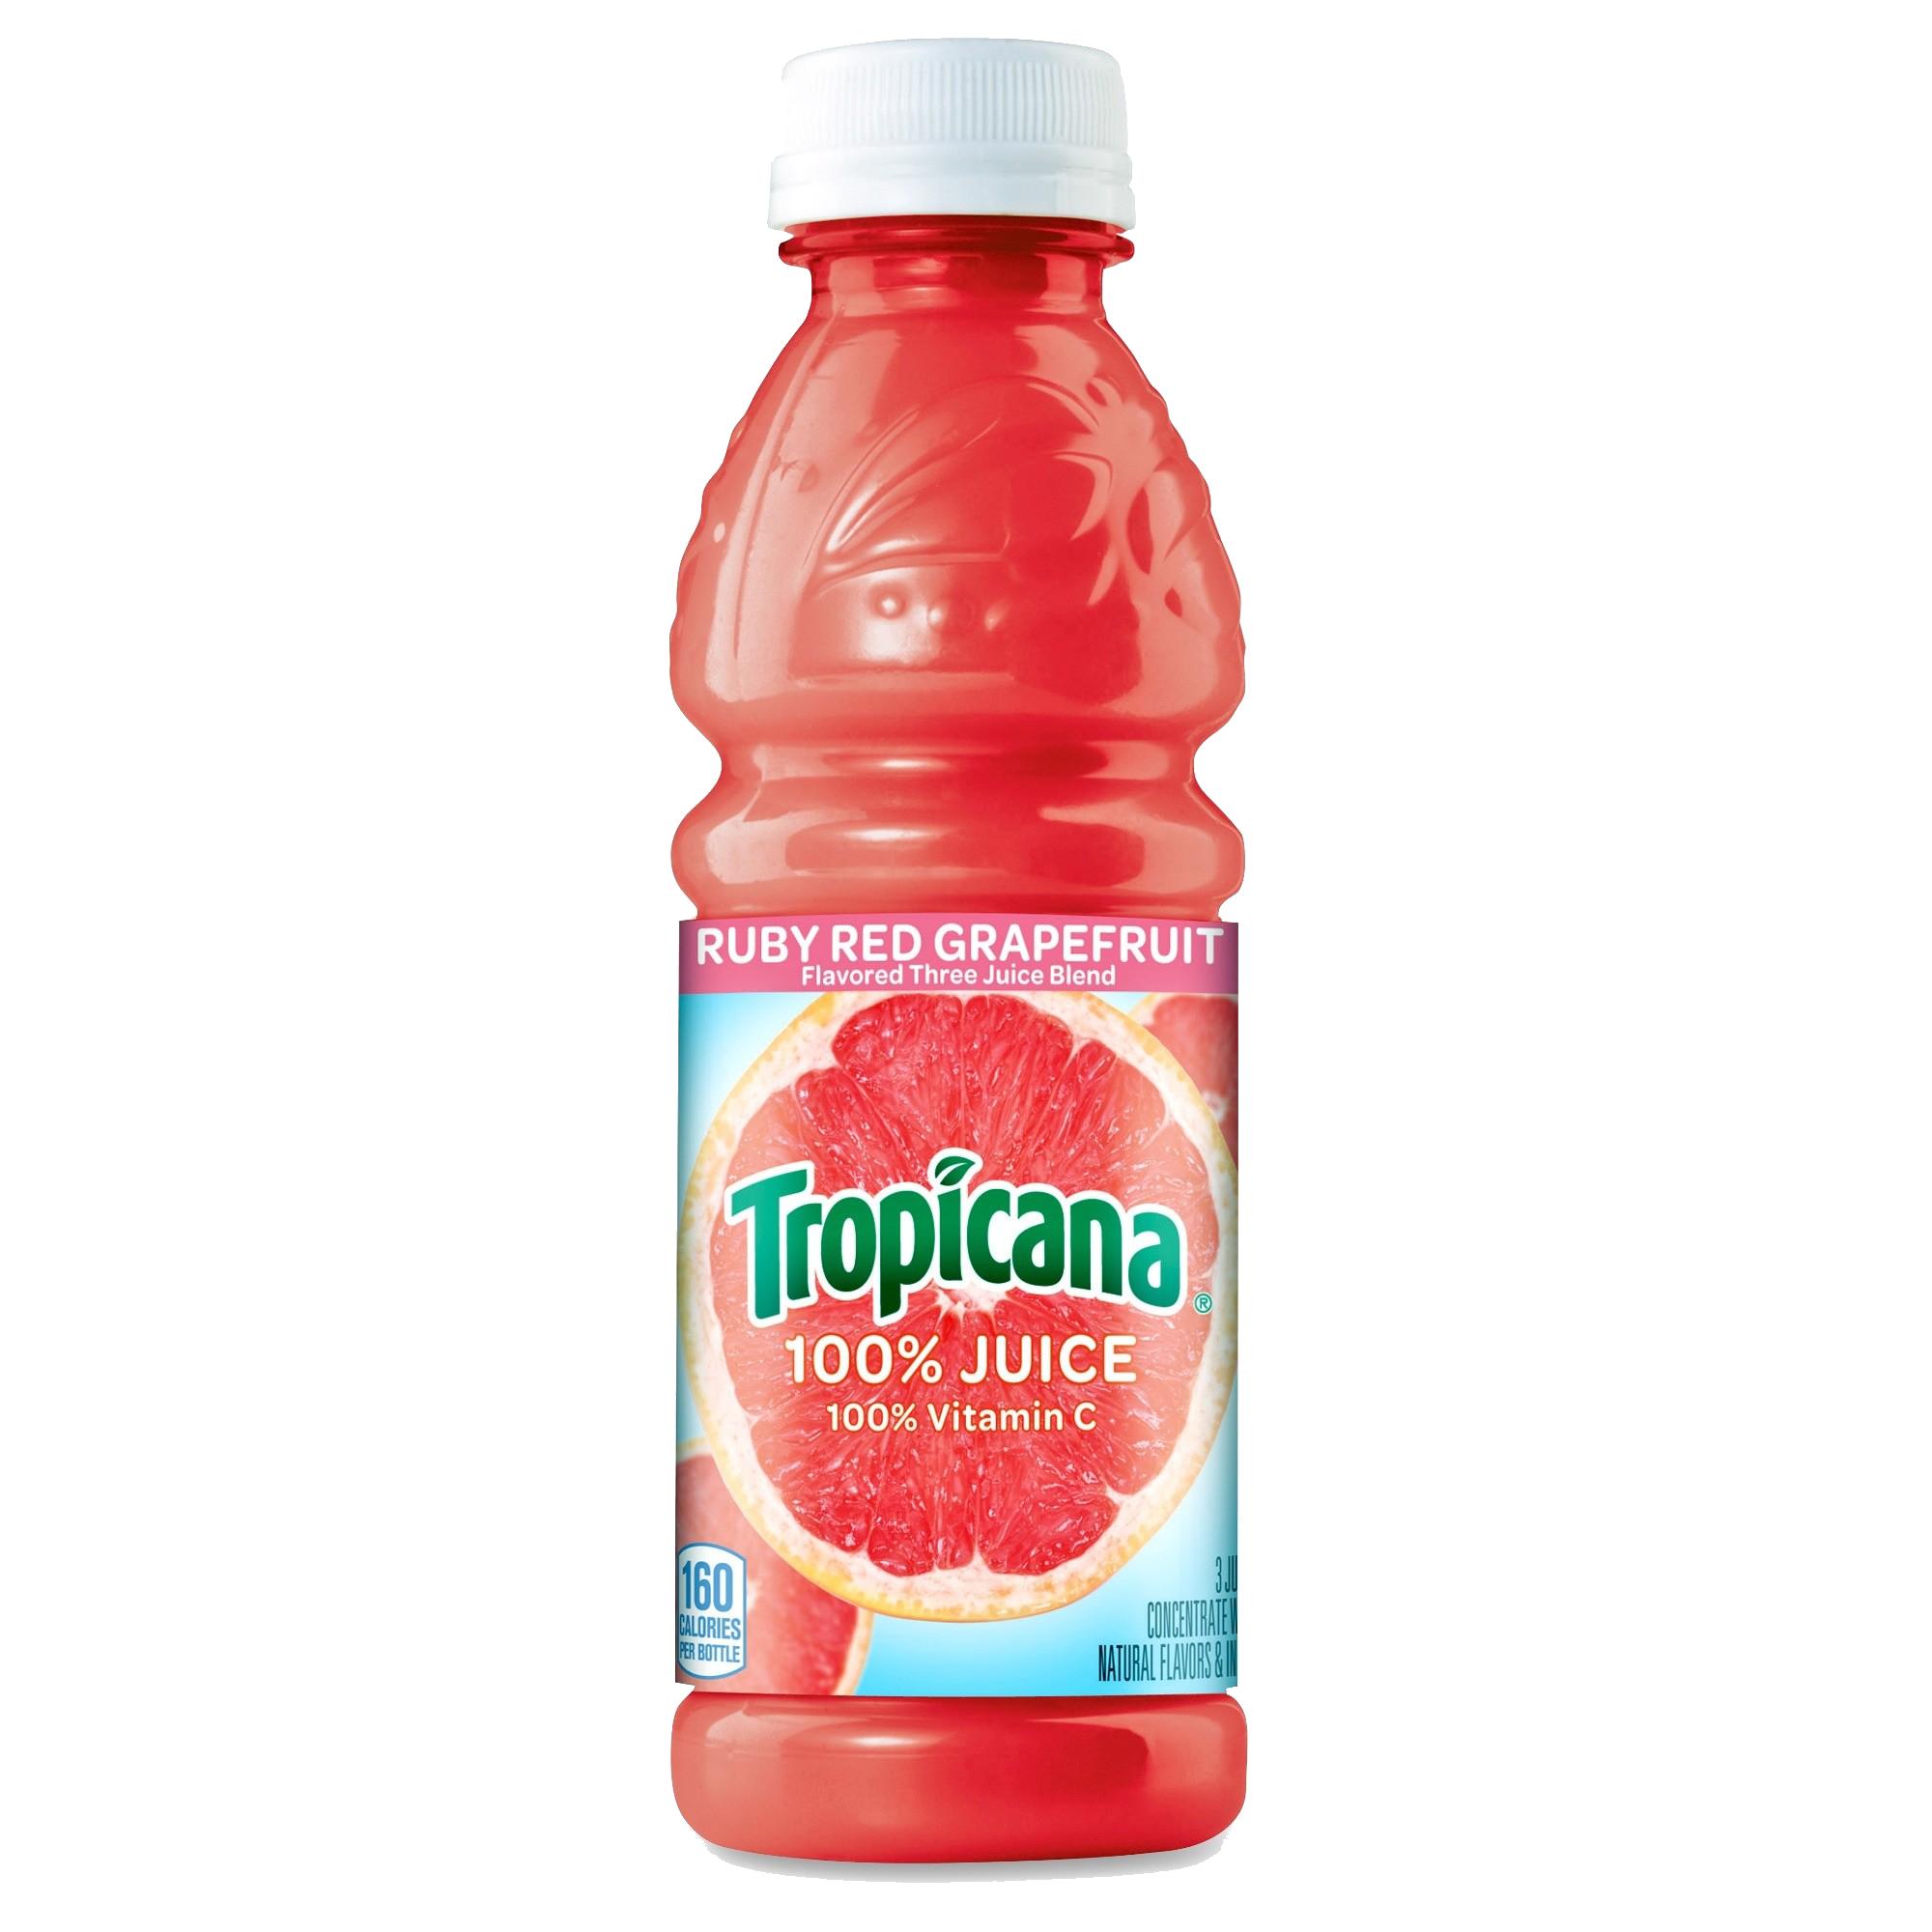 Tropicana-Grapefruit-Juice-PNG.png.877eb897e87ee555b731ba91f3ec4759.png